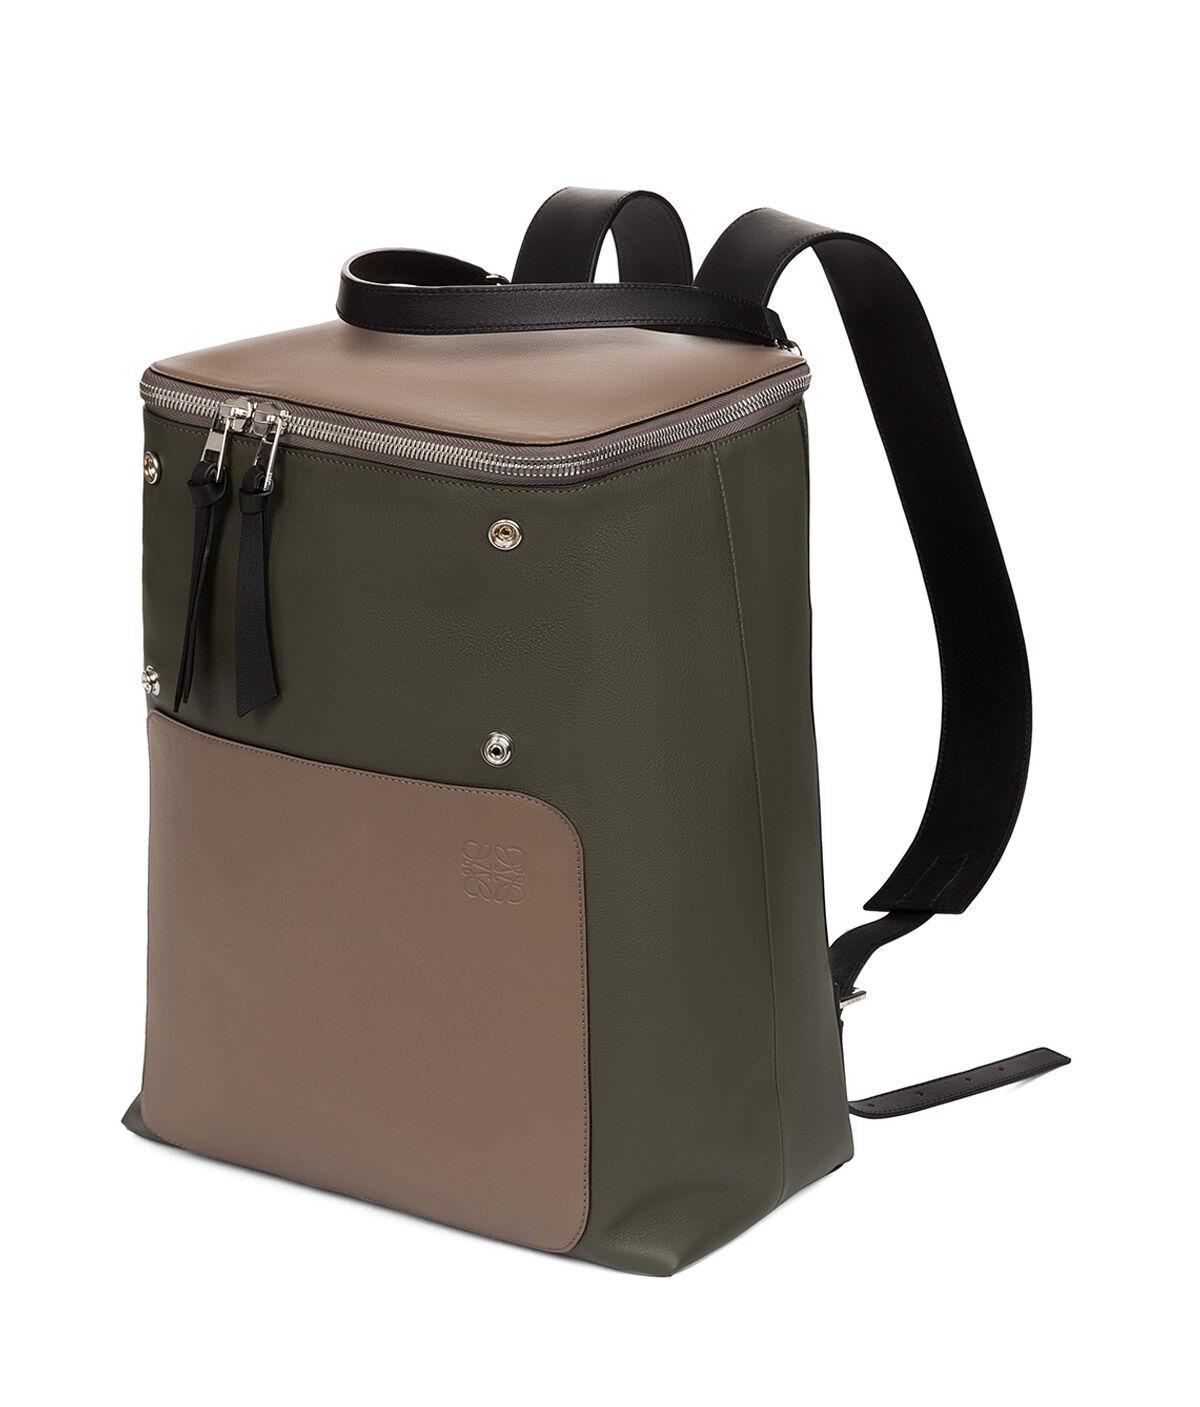 LOEWE Goya Backpack Dark Taupe/Military Green/Bl all